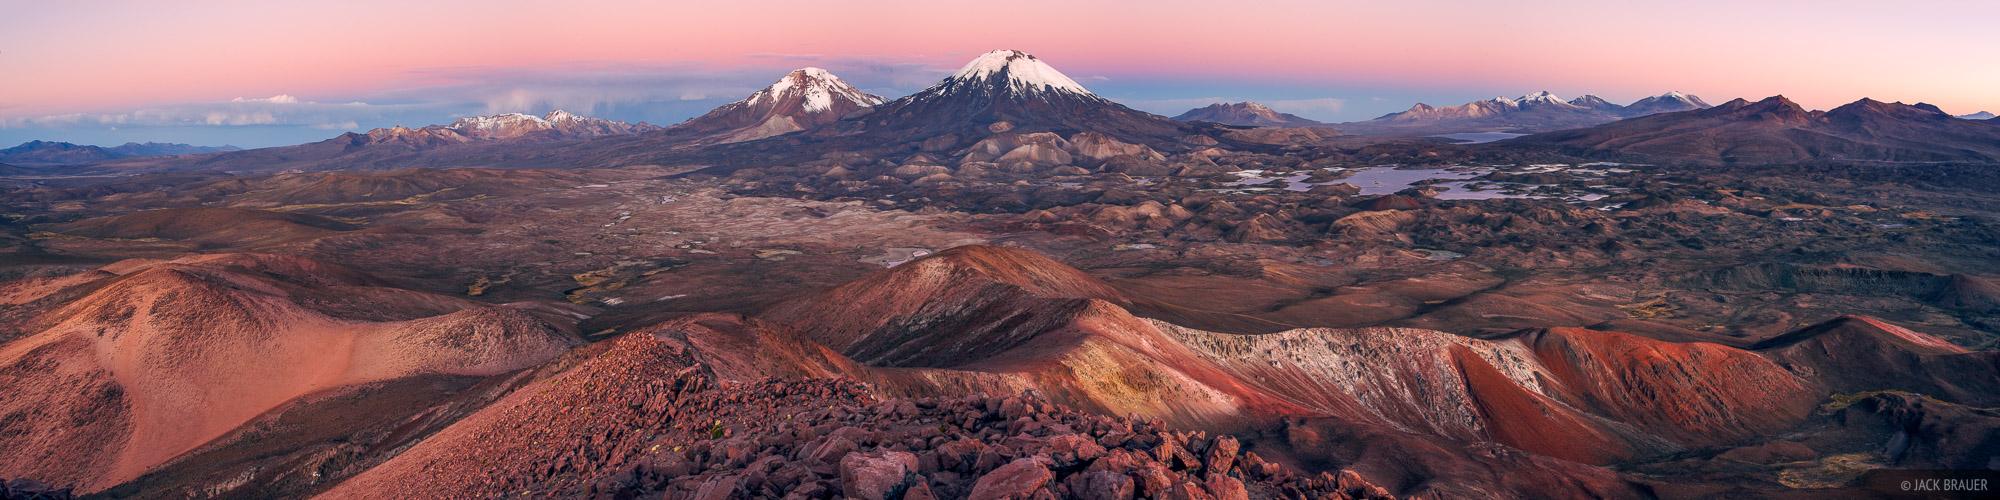 Cerros de Payachata, Parinacota, Pomerape, Altiplano, Chile, Lago Cotacotani, Cerro Guane Guane, sunset, panorama, volca